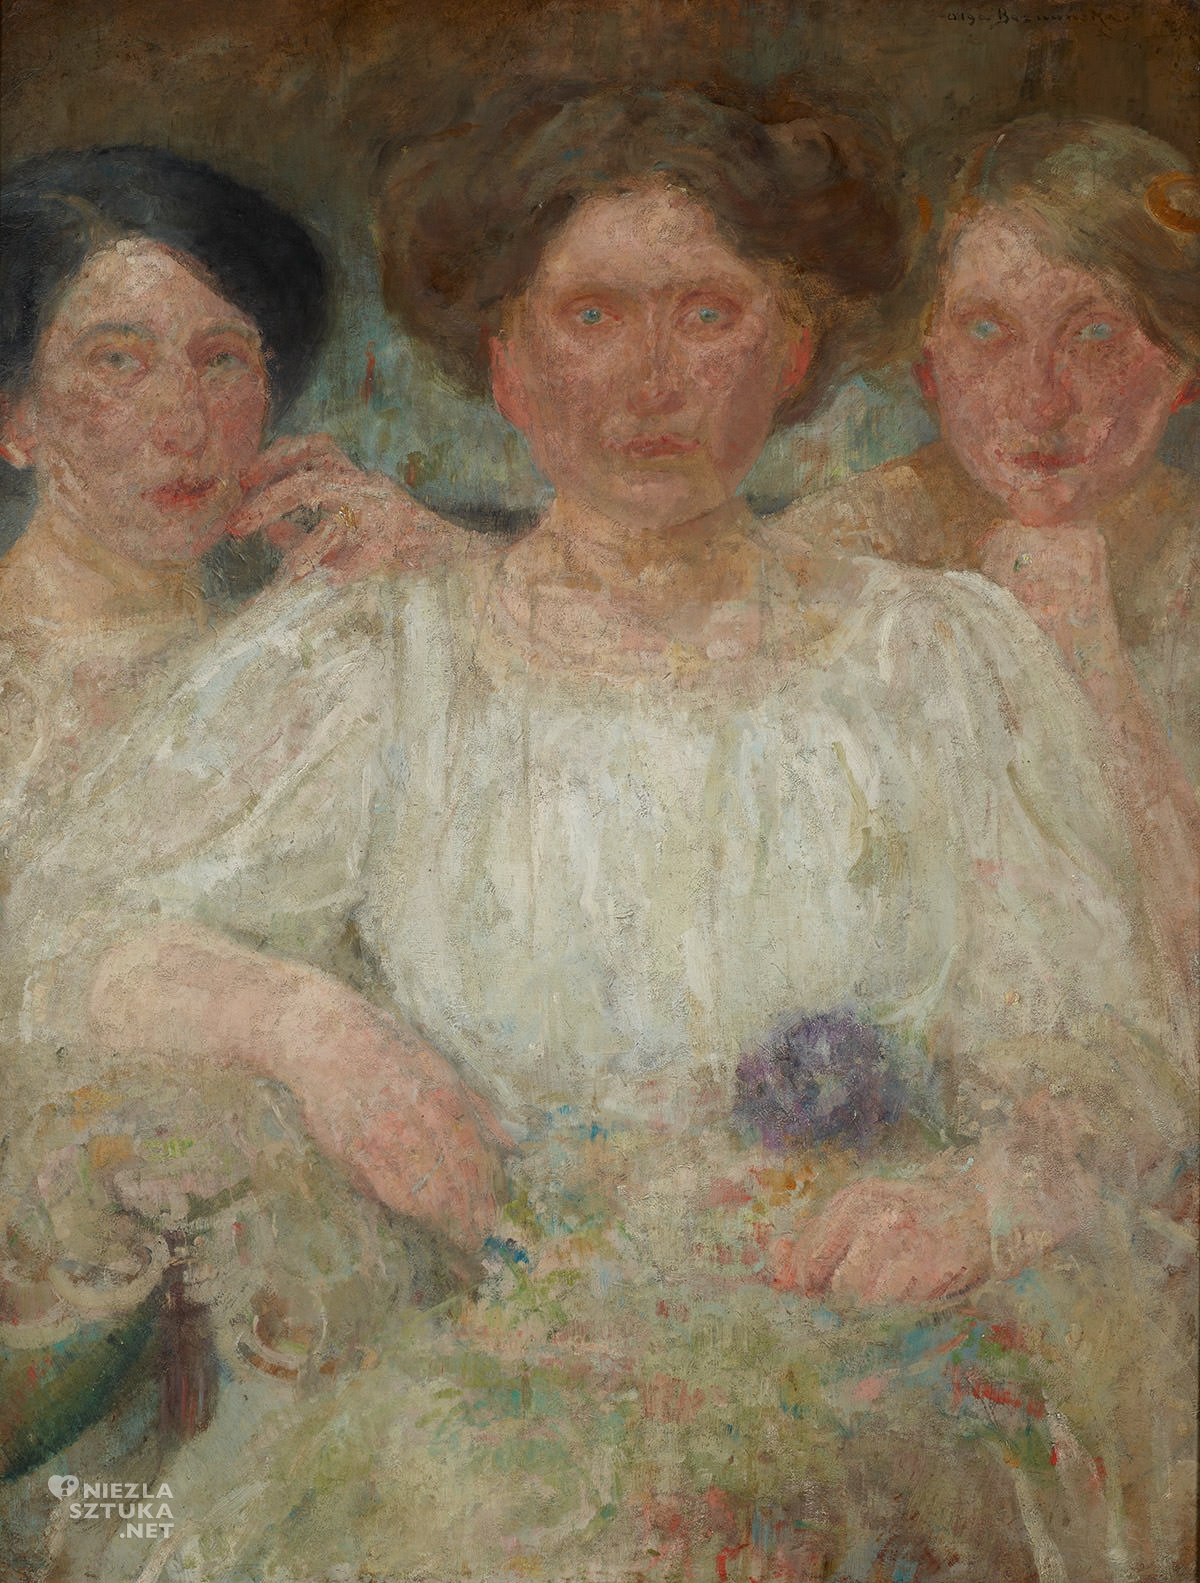 Olga Boznańska, Portret trzech sióstr, Alicja Halicka, kobiety w sztuce, sztuka polska, Niezła Sztuka